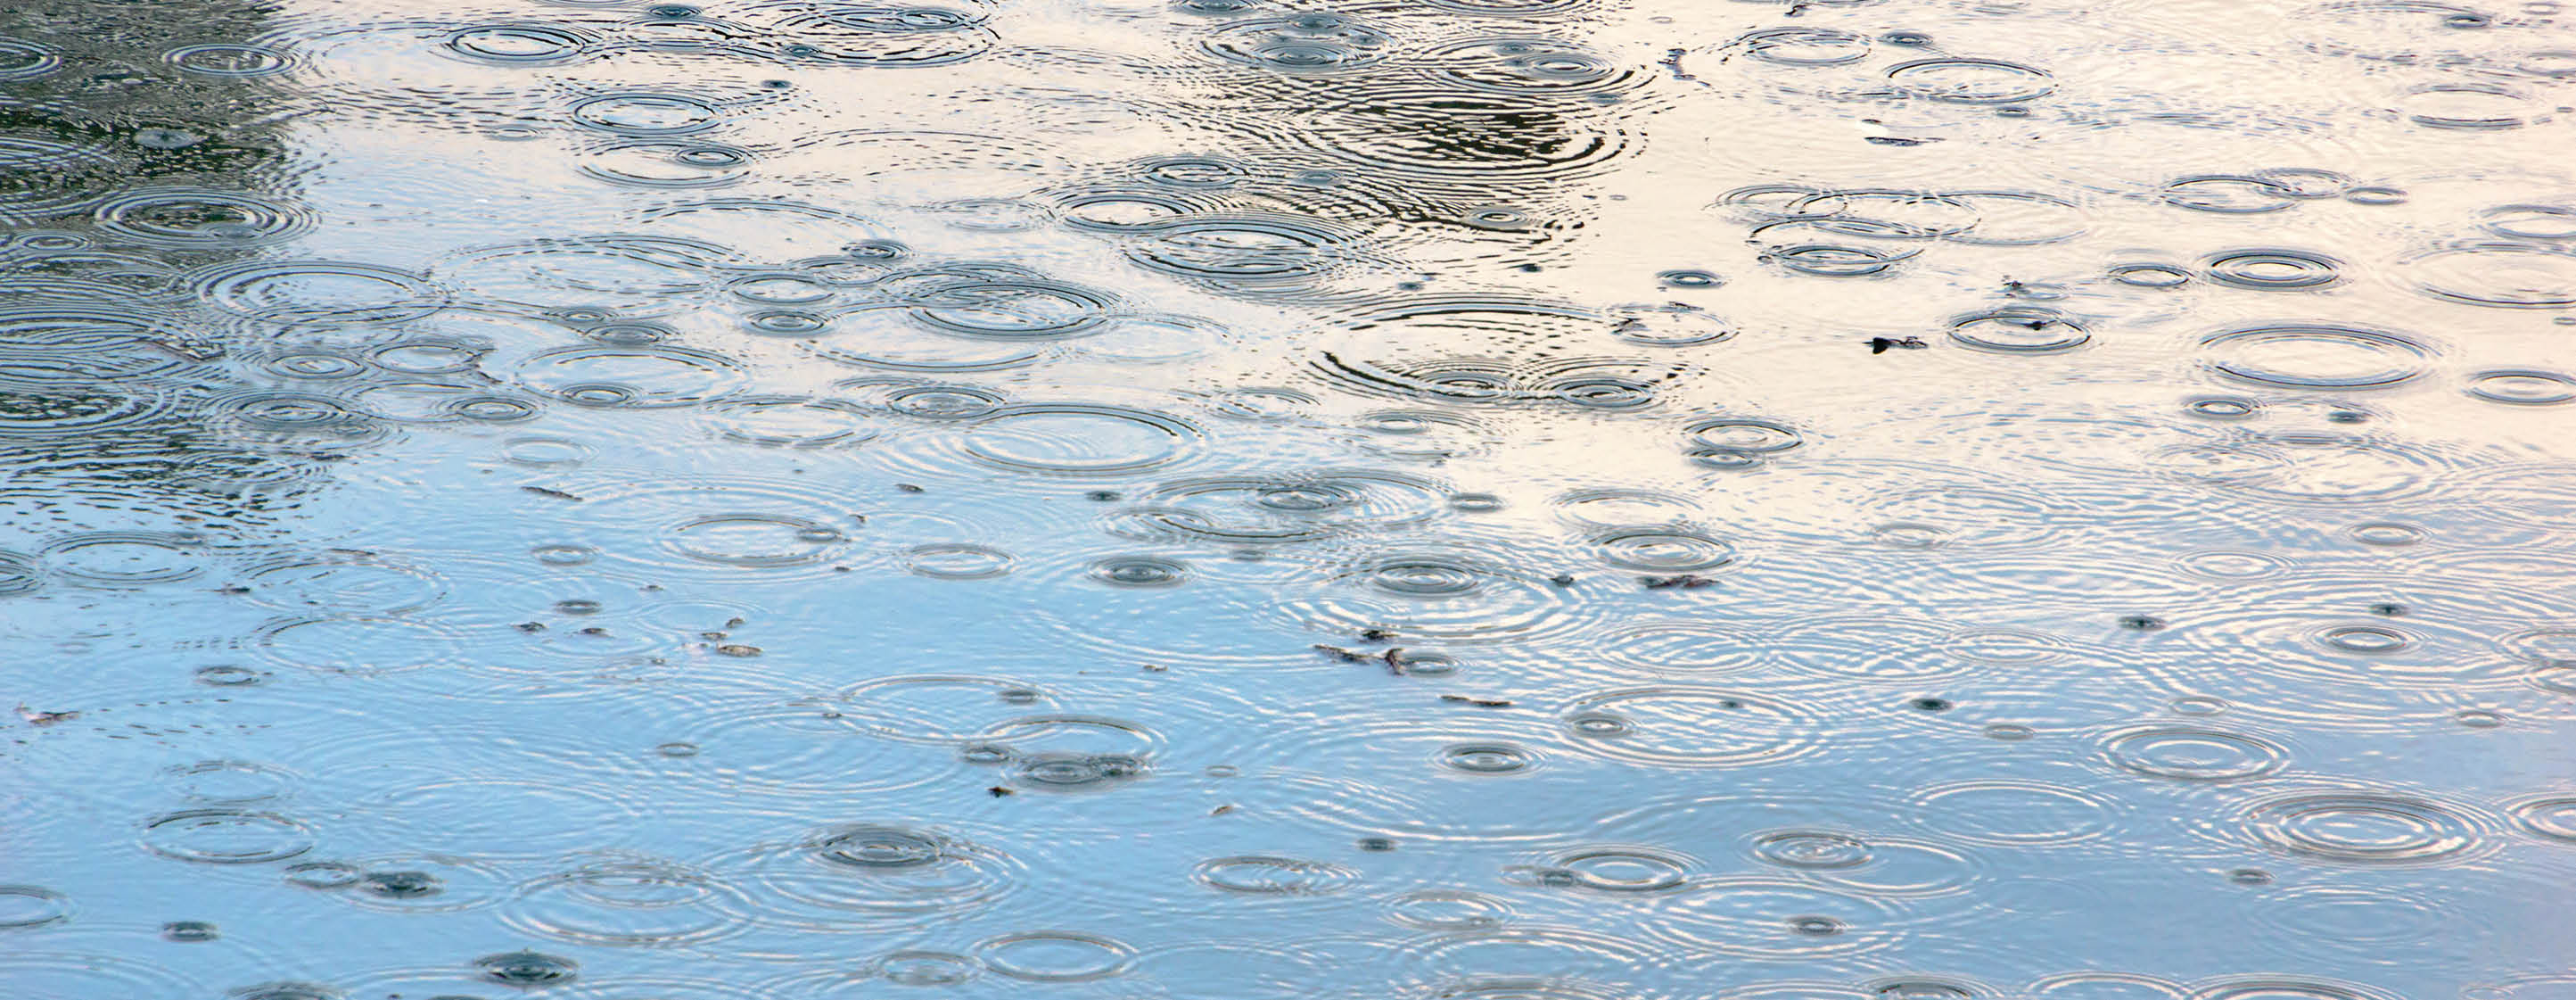 Regen- und Grauwassernutzung